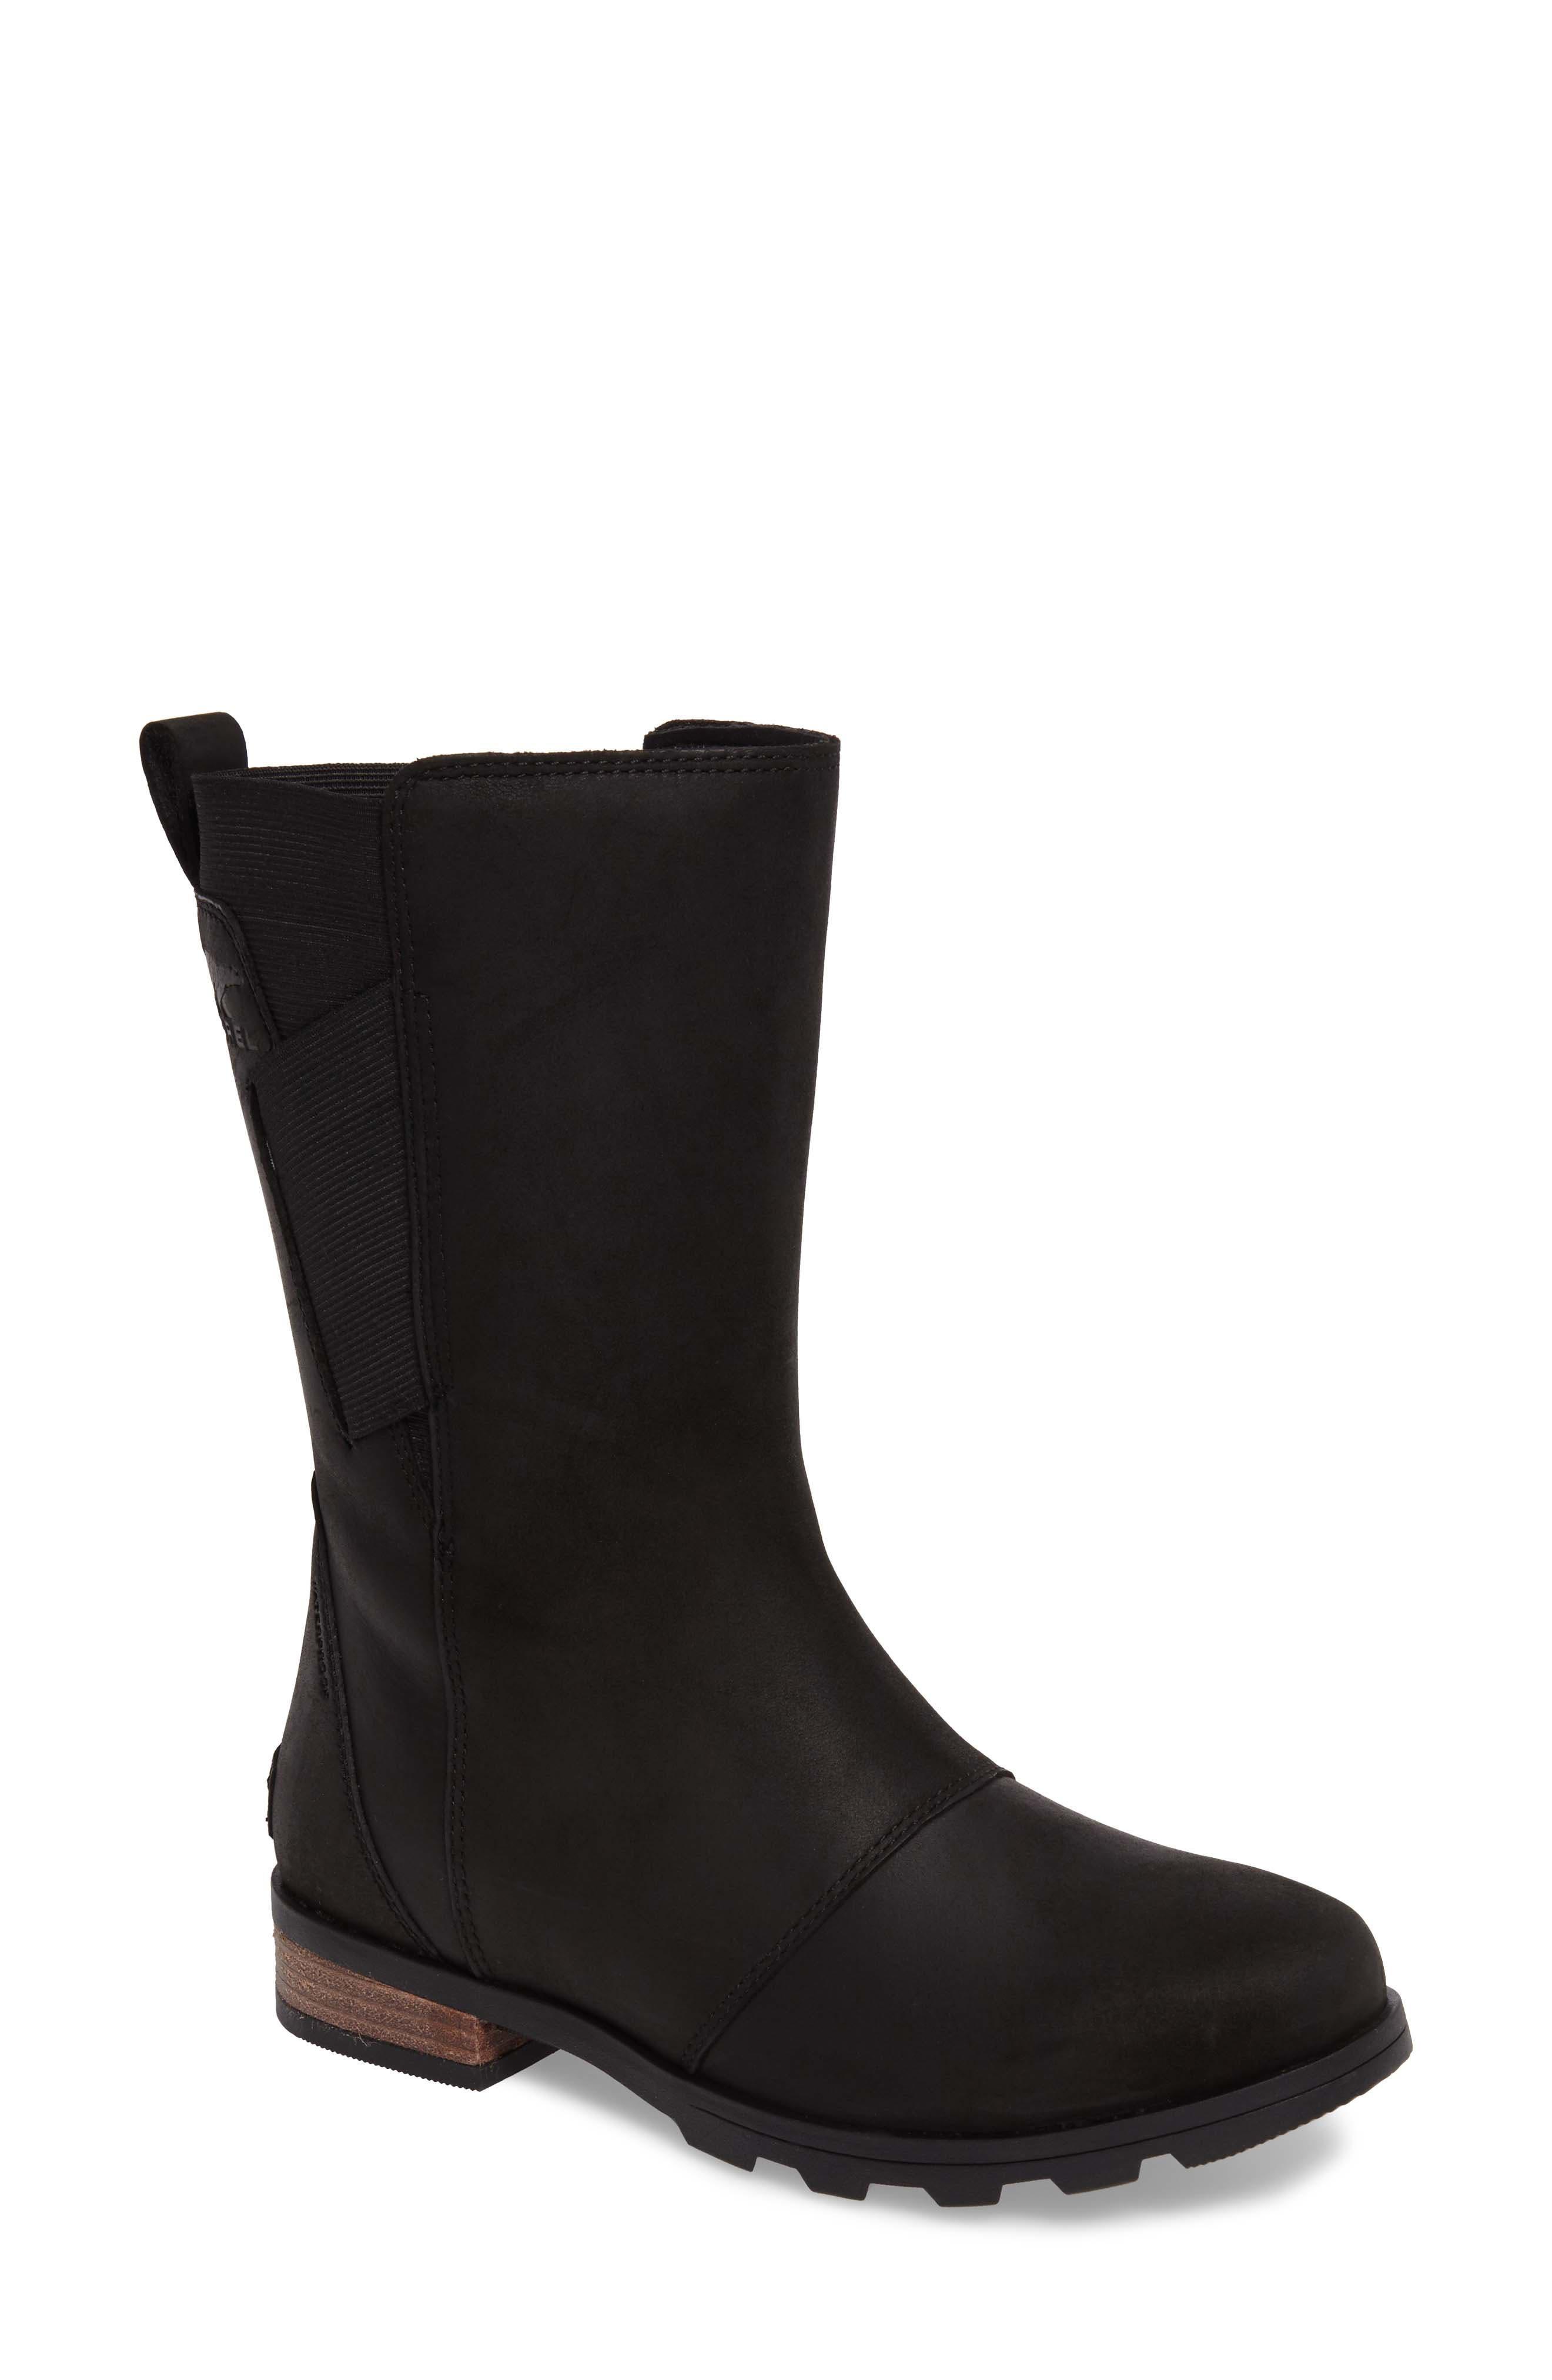 Emelie Waterproof Boot,                         Main,                         color, Black